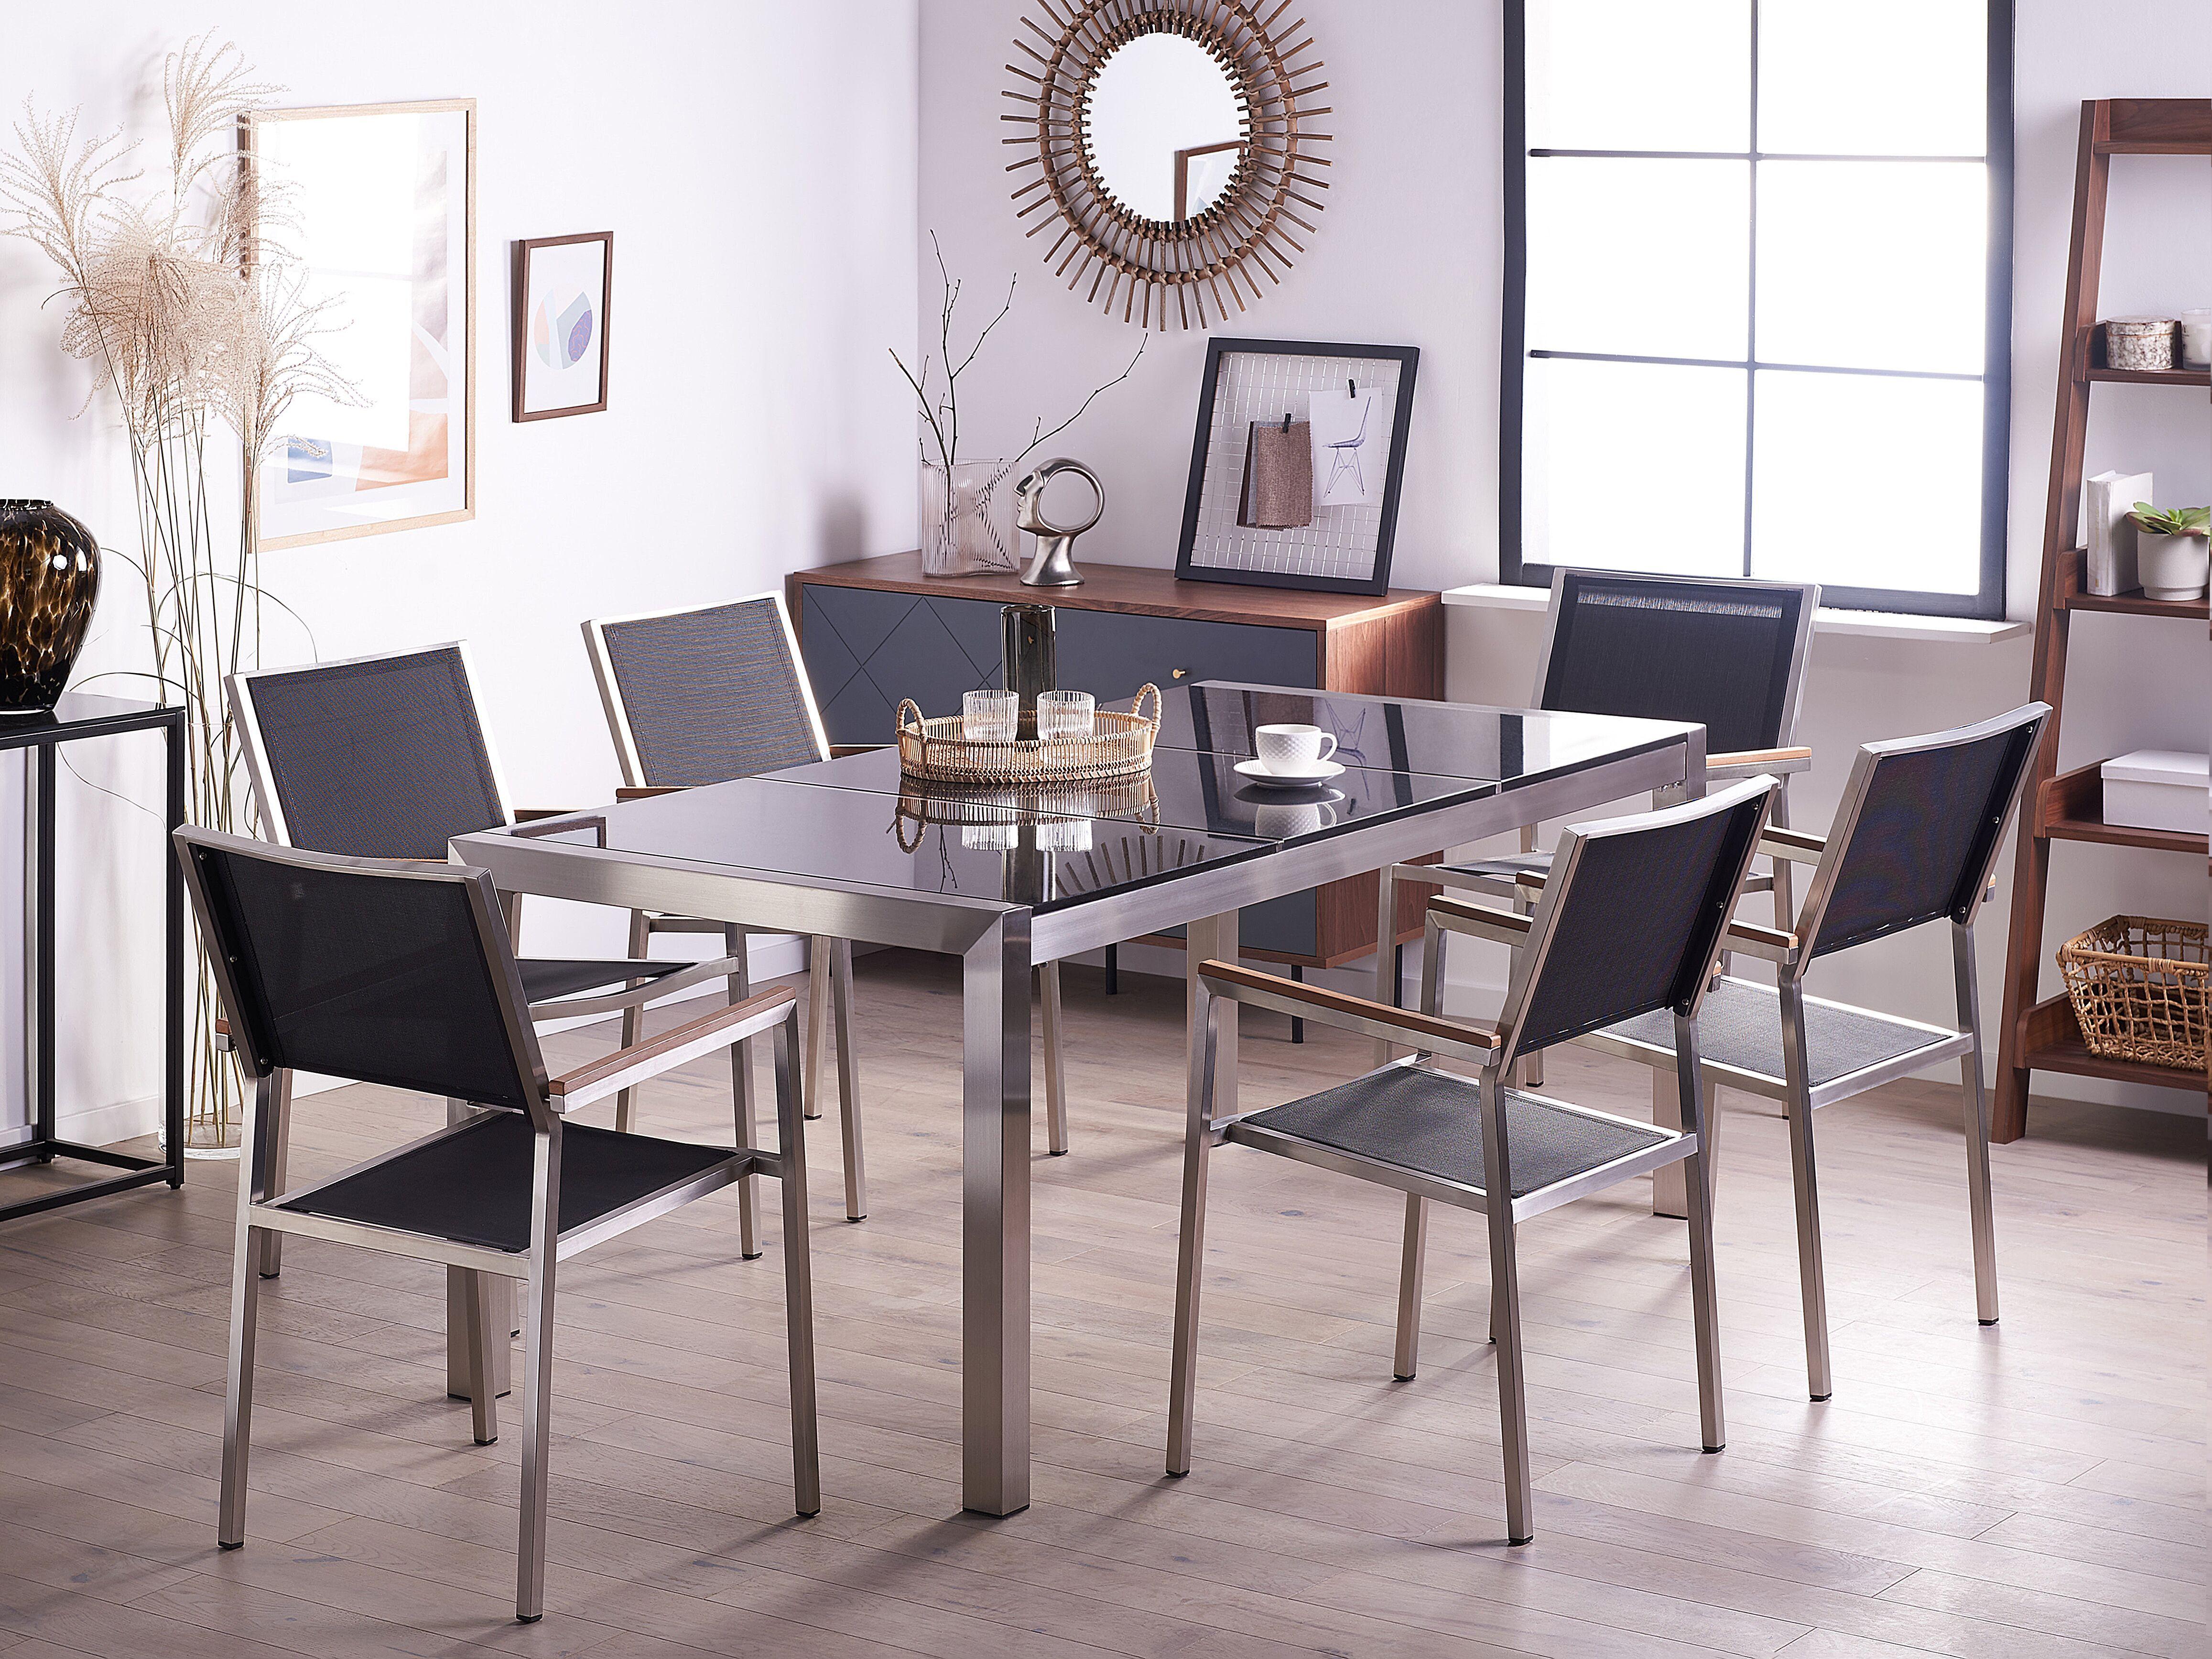 Photo of Set di tavolo e sedie da giardino in acciaio, basalto e fibra tessile – Nero lucido – 180cm – GROSSETO